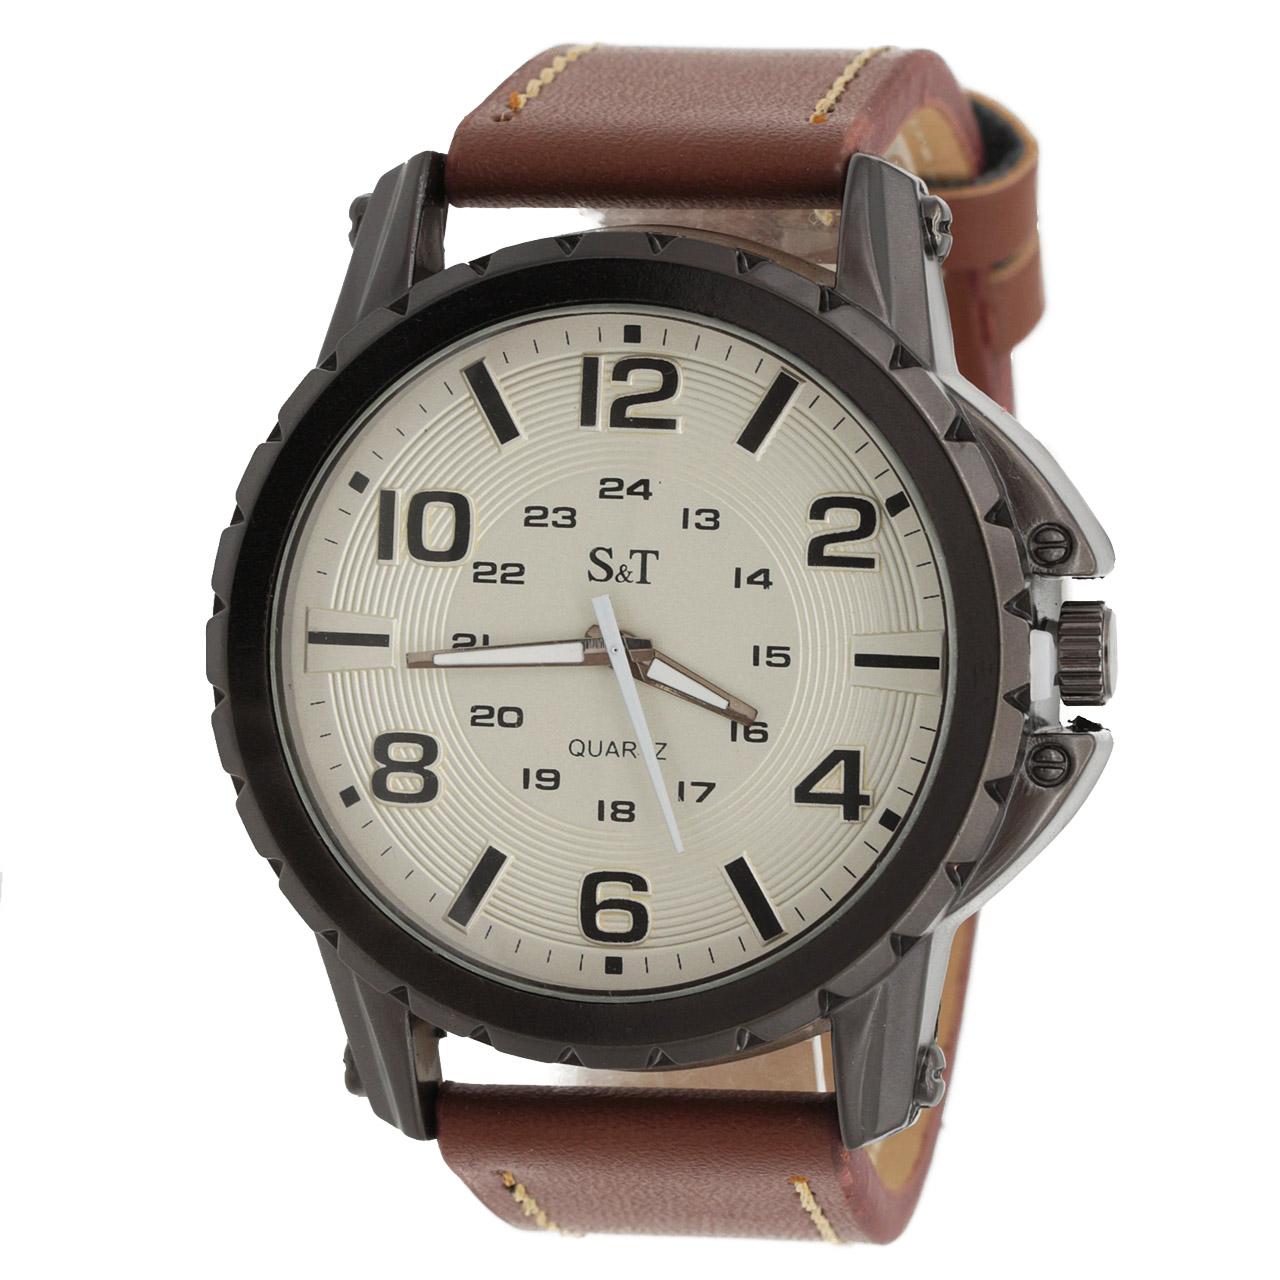 ساعت مچی عقربه ای مردانه اس تی مدل ST1947